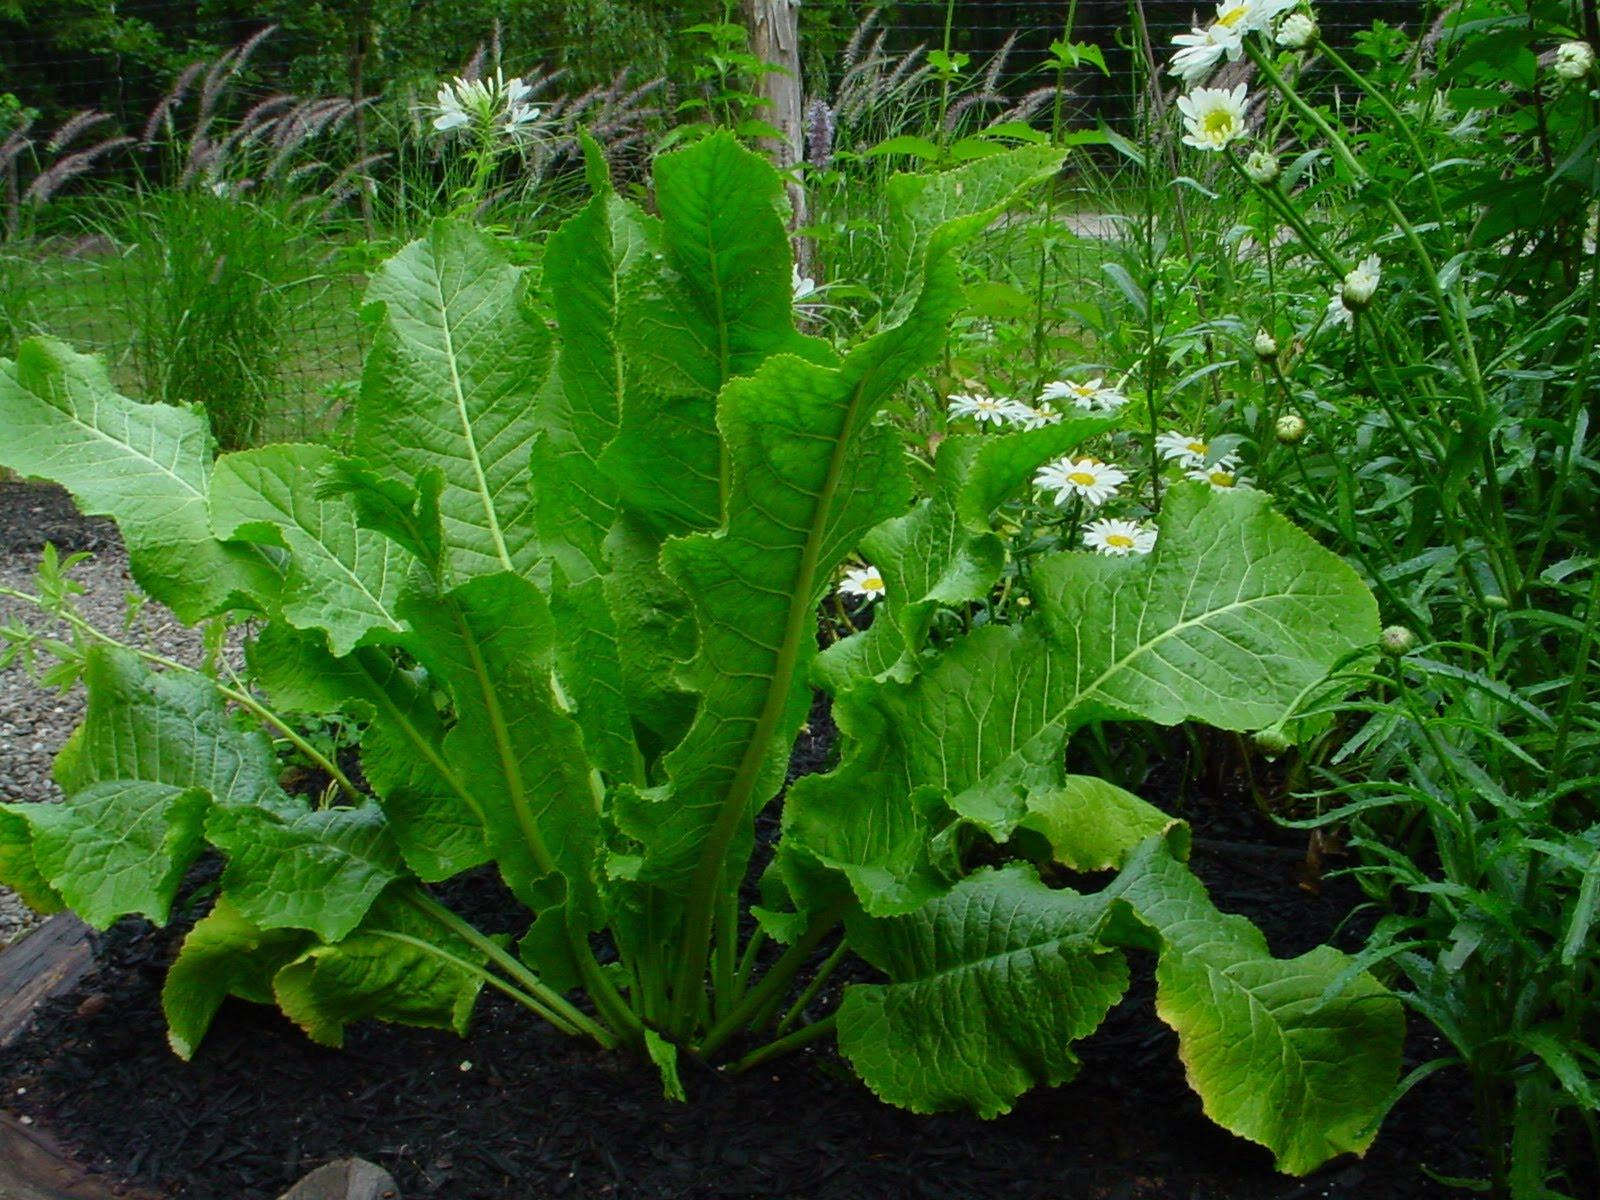 Лечение суставов листьями хрена: воздействие растения и рецепты народной медицины рекомендации